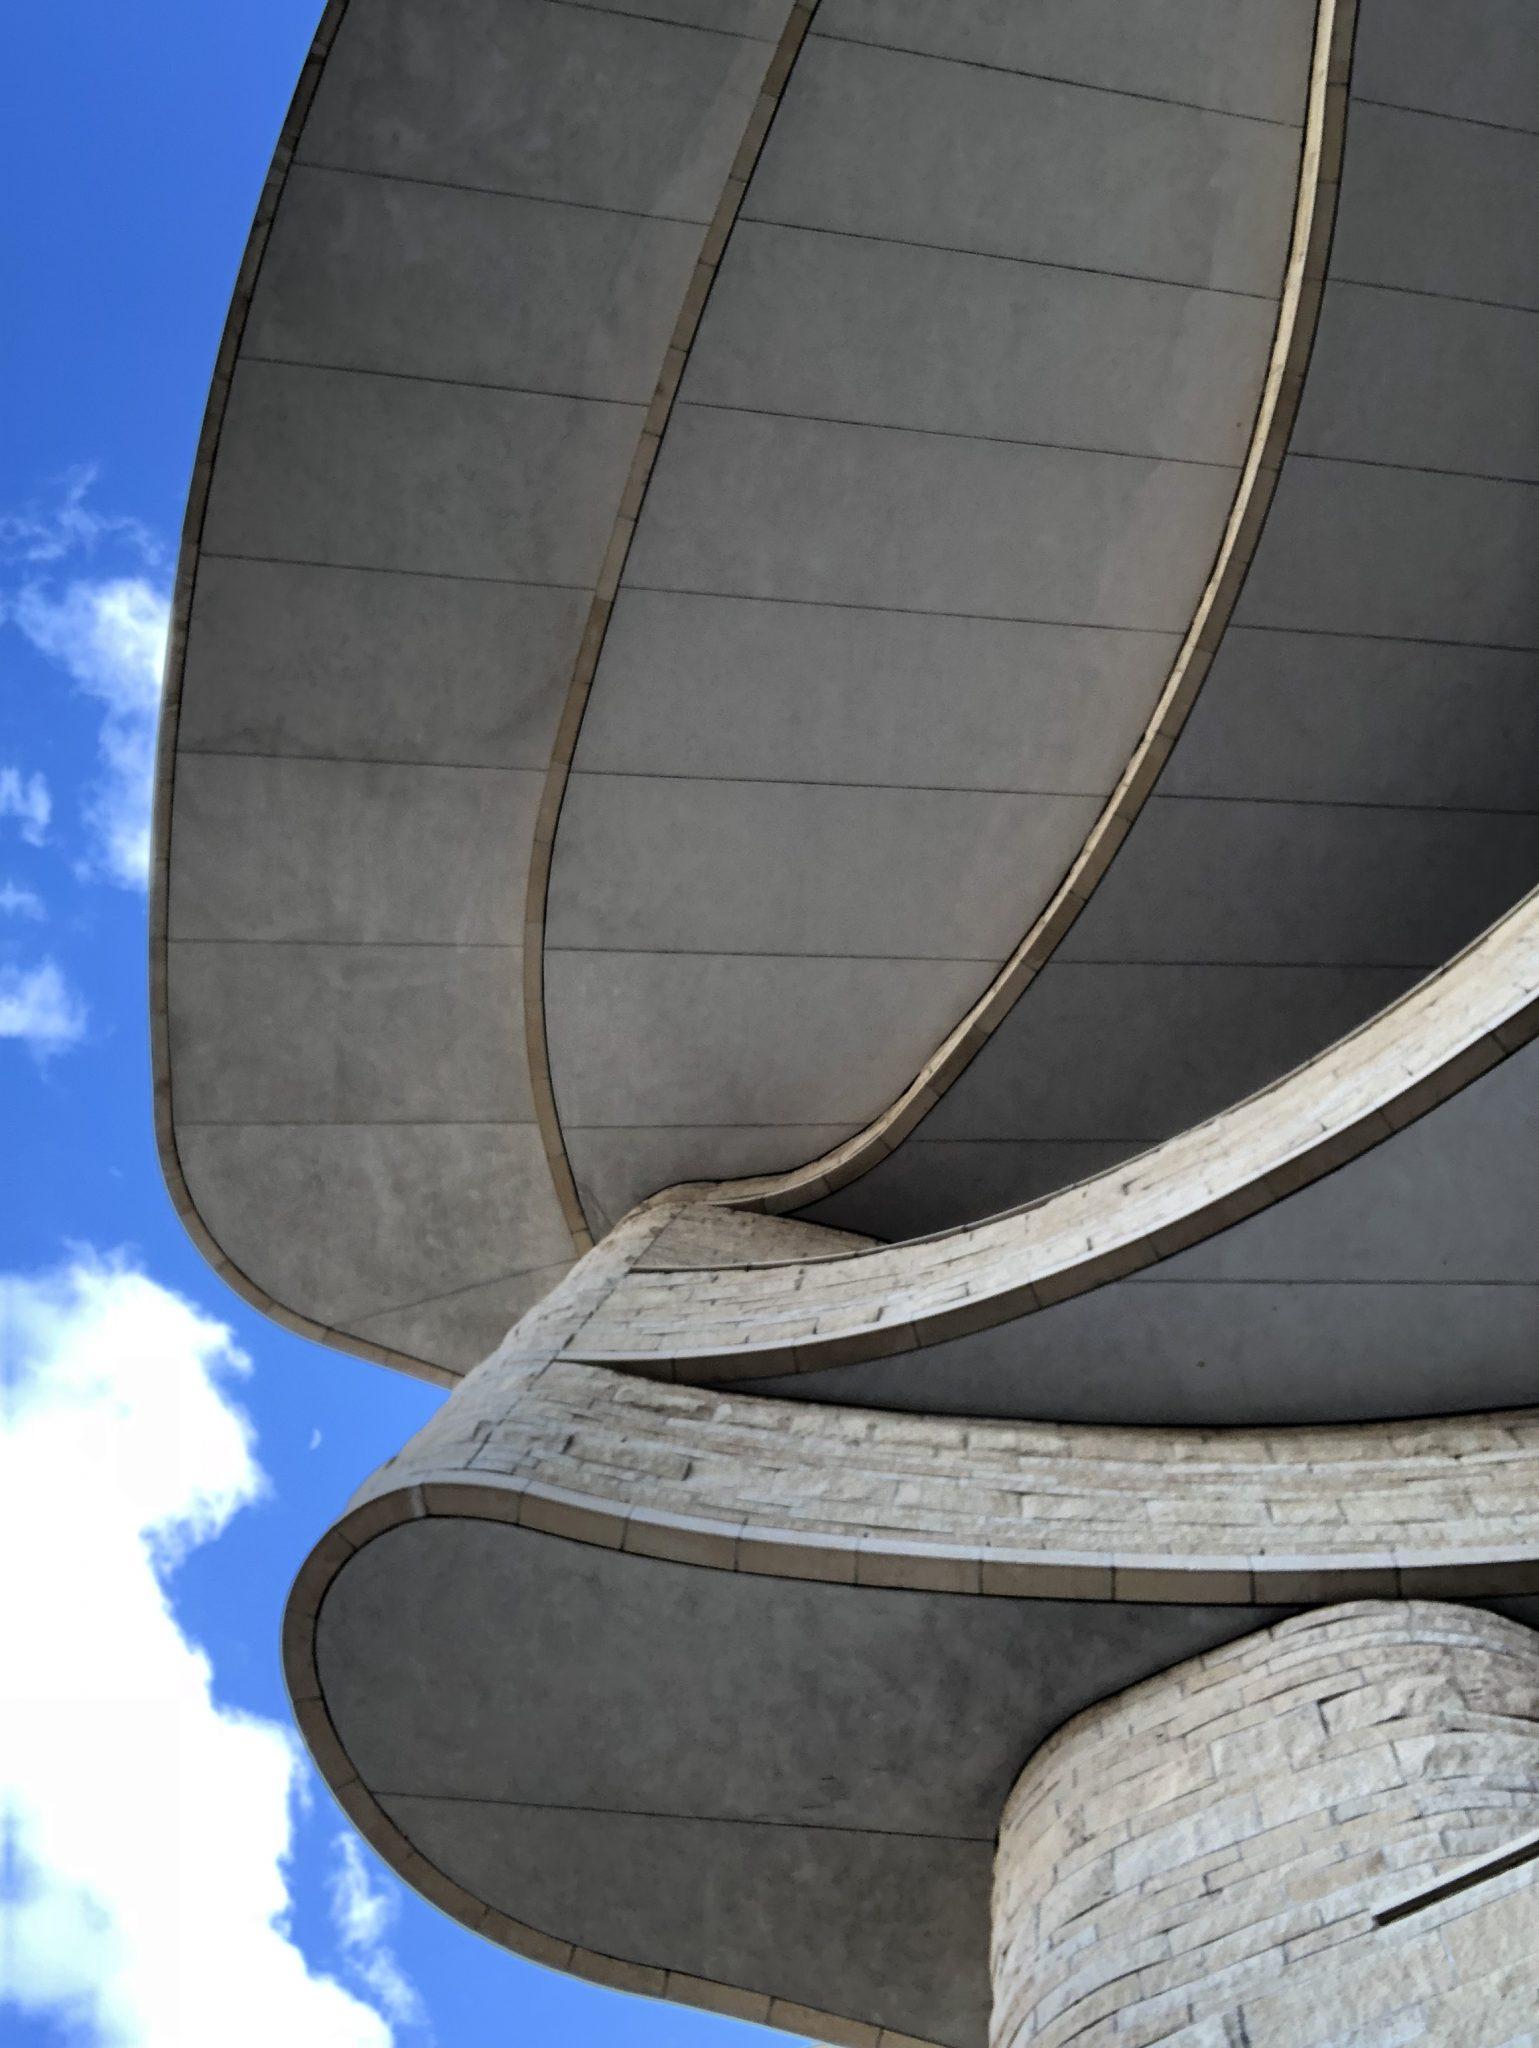 Guggenheim Museum detail in New York City